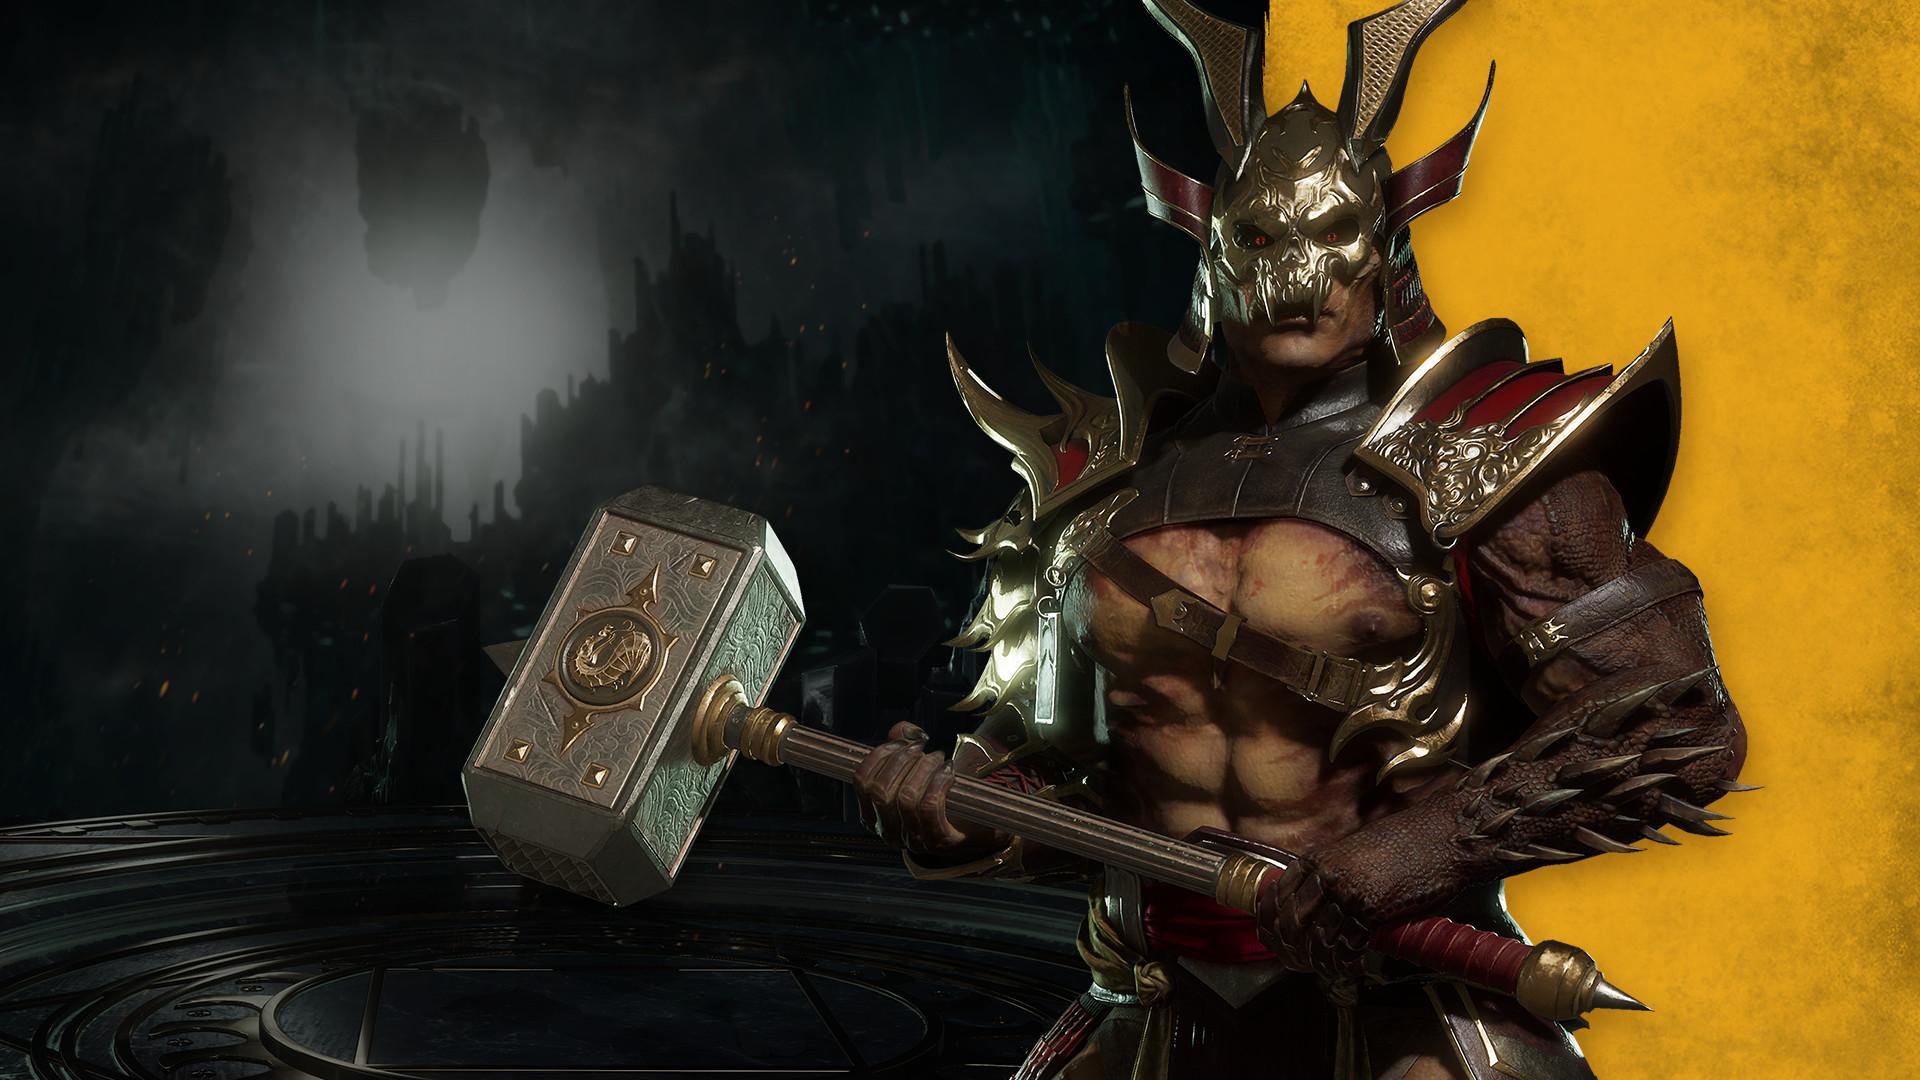 Mortal Kombat 11 Shao Kahn en Steam